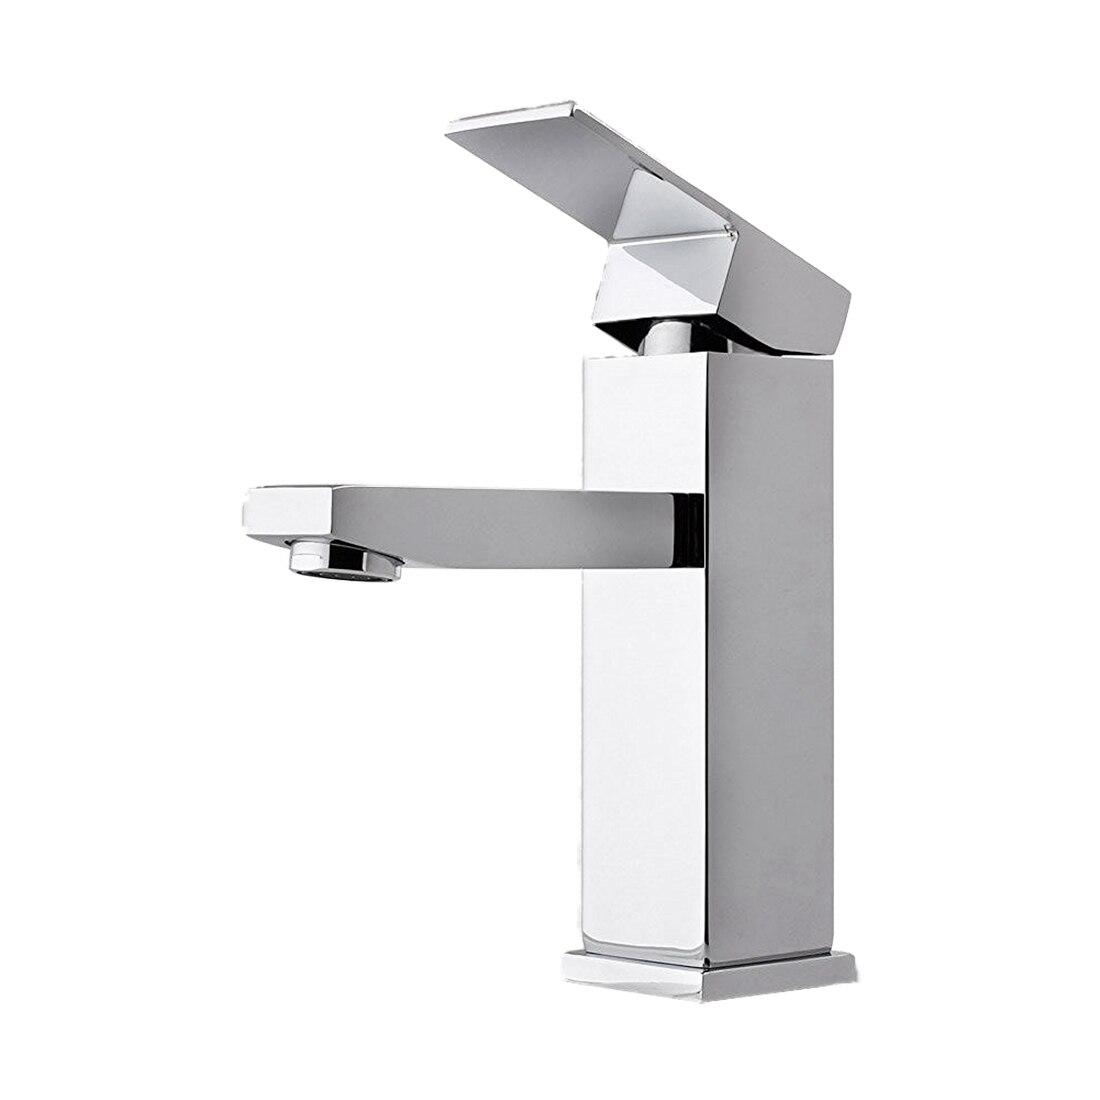 Faucet of lavatory faucet sink faucet square chrome